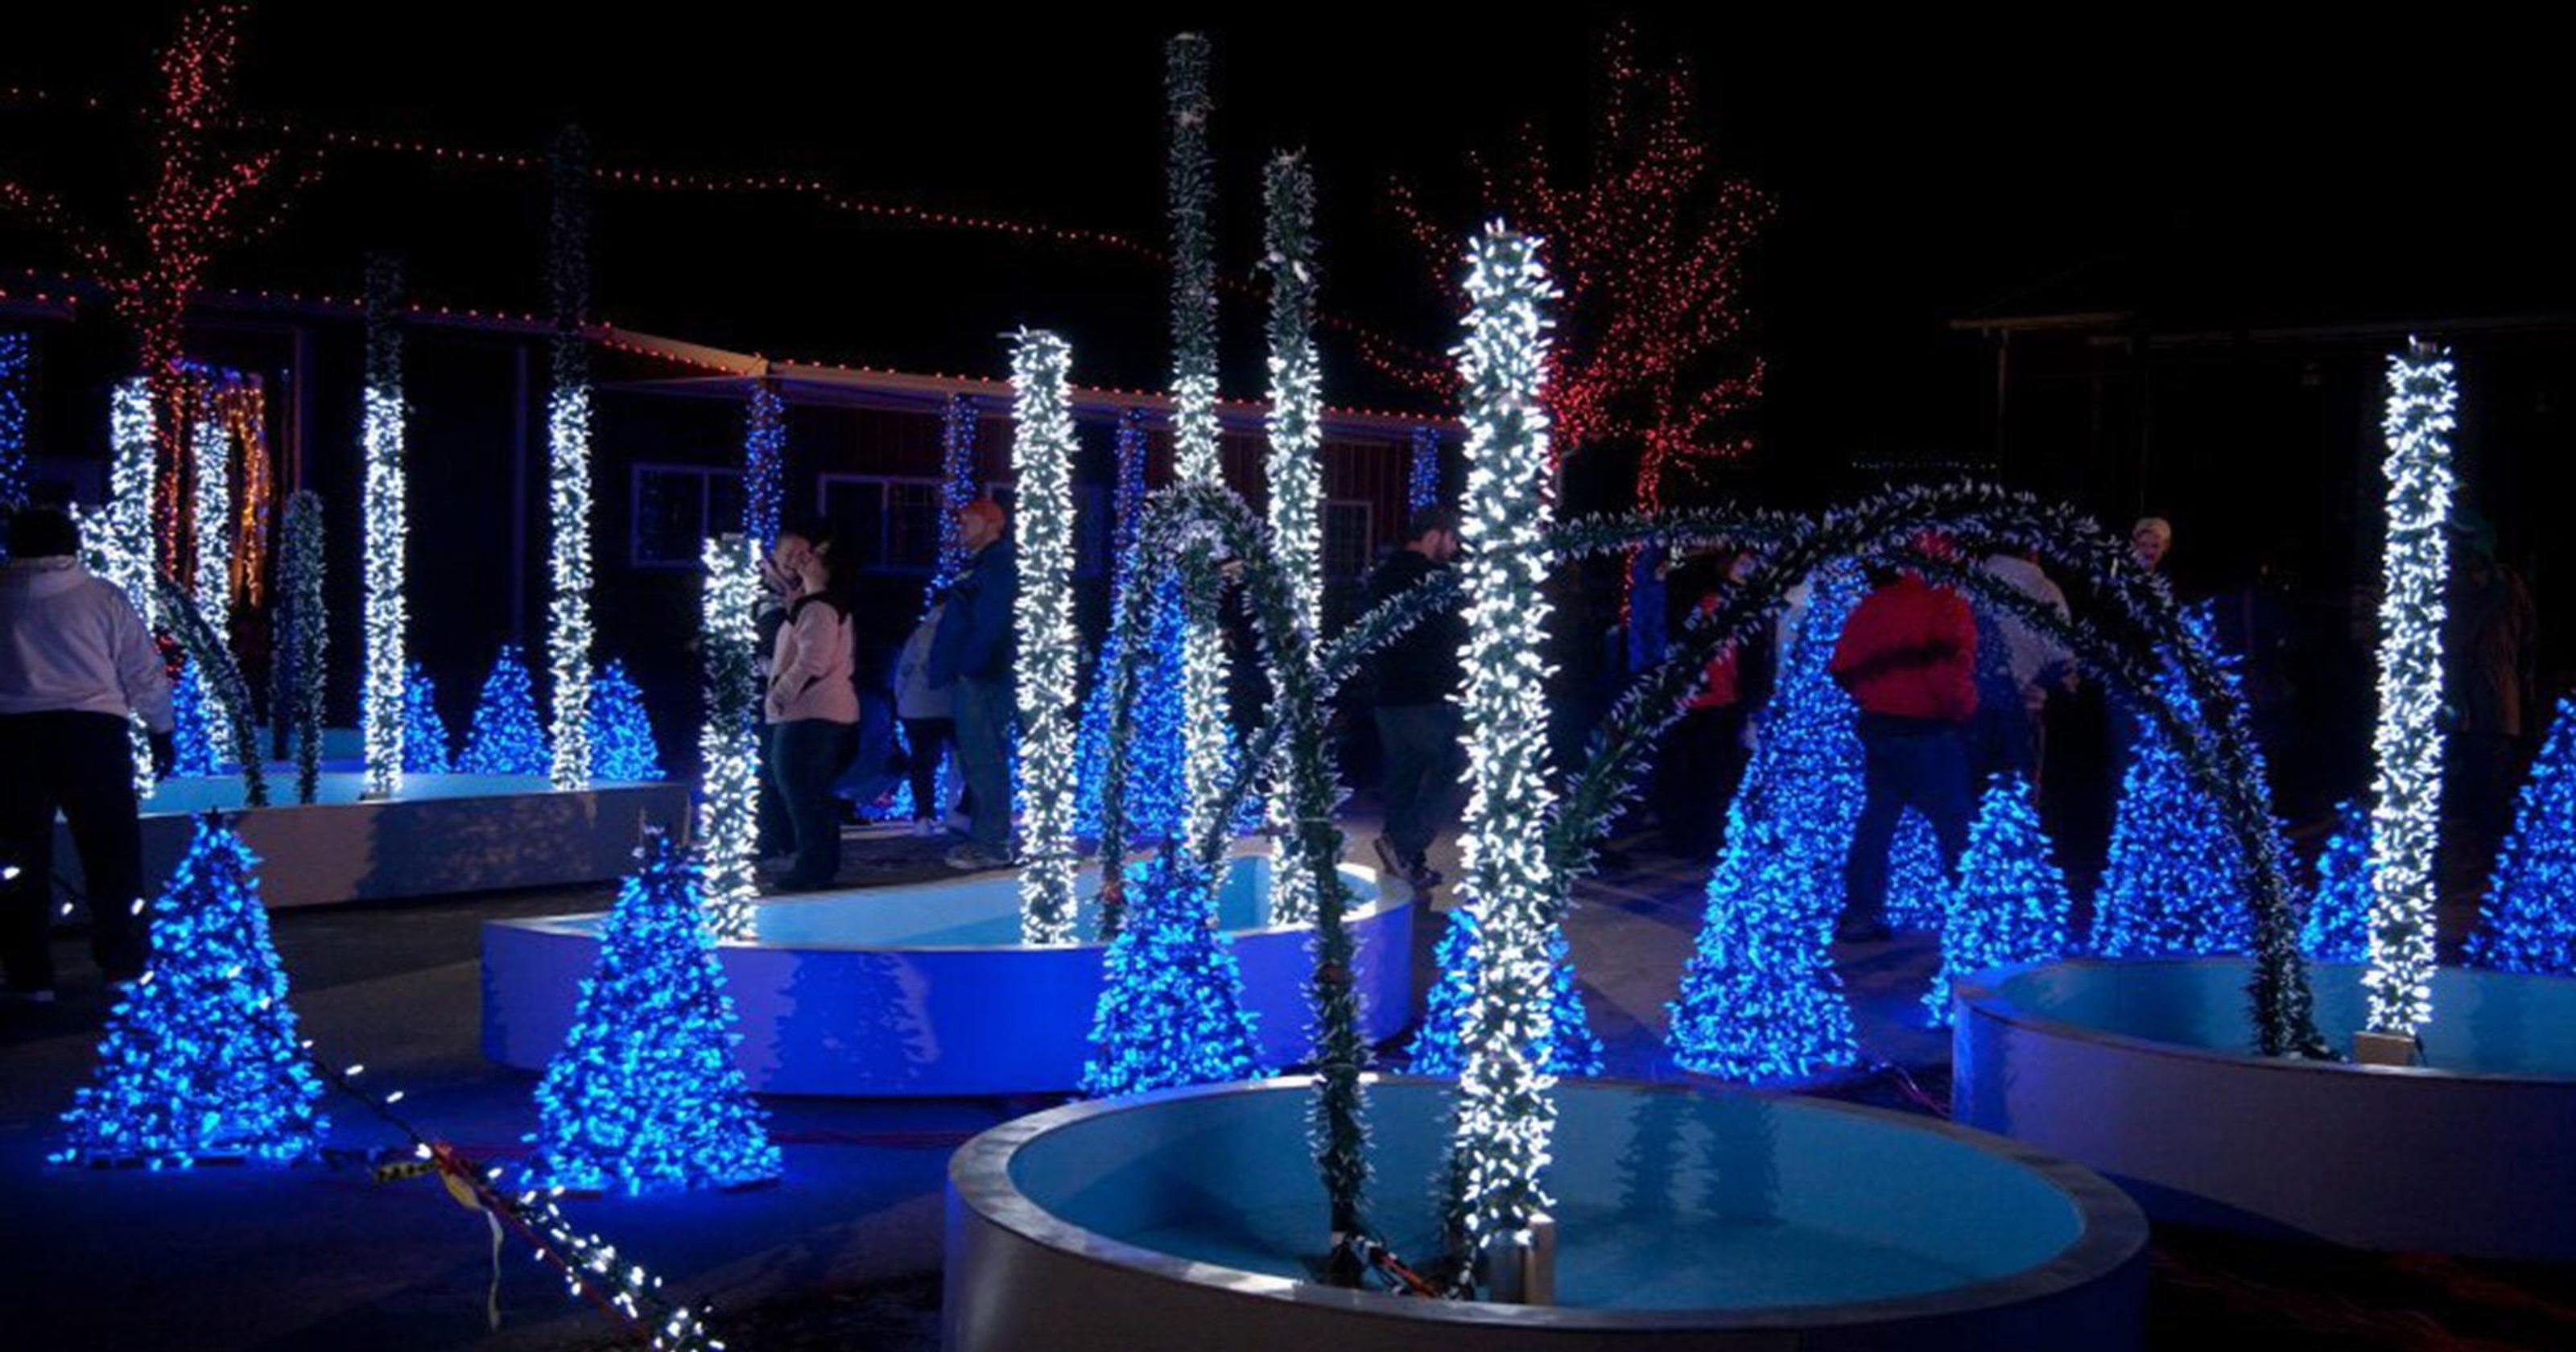 13 holiday lights displays around wisconsin